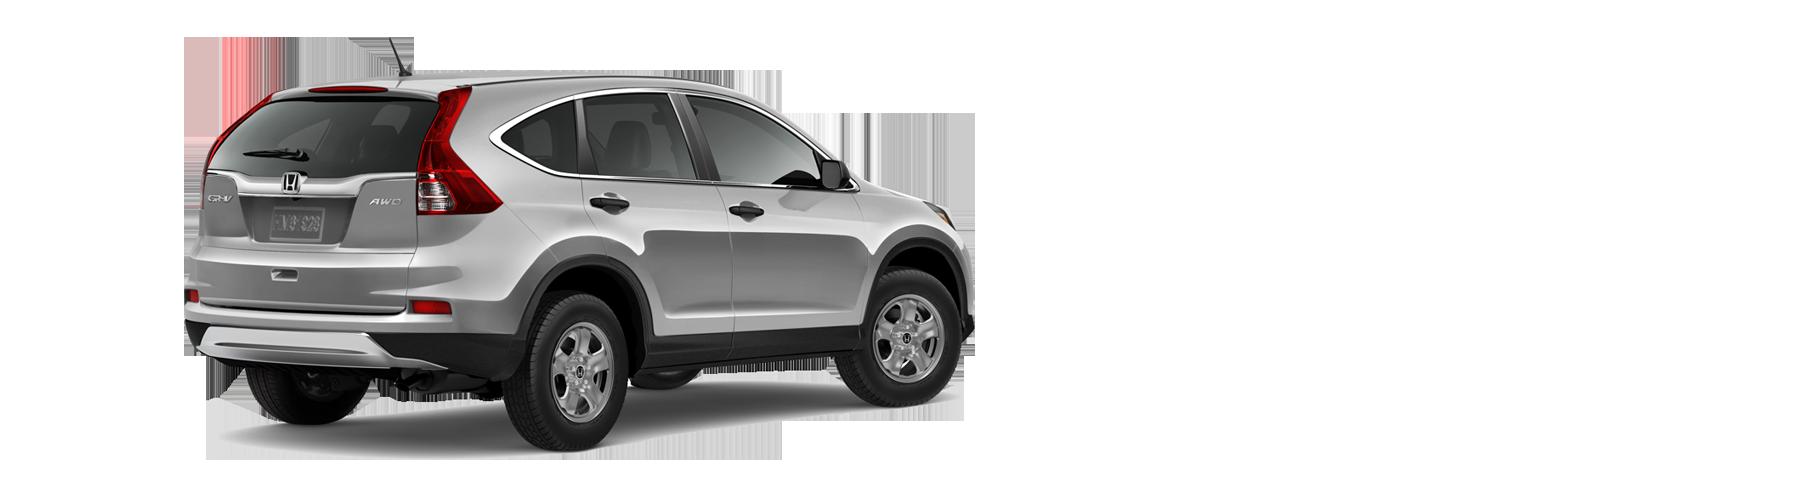 2015 Honda Cr V New England Honda Dealers